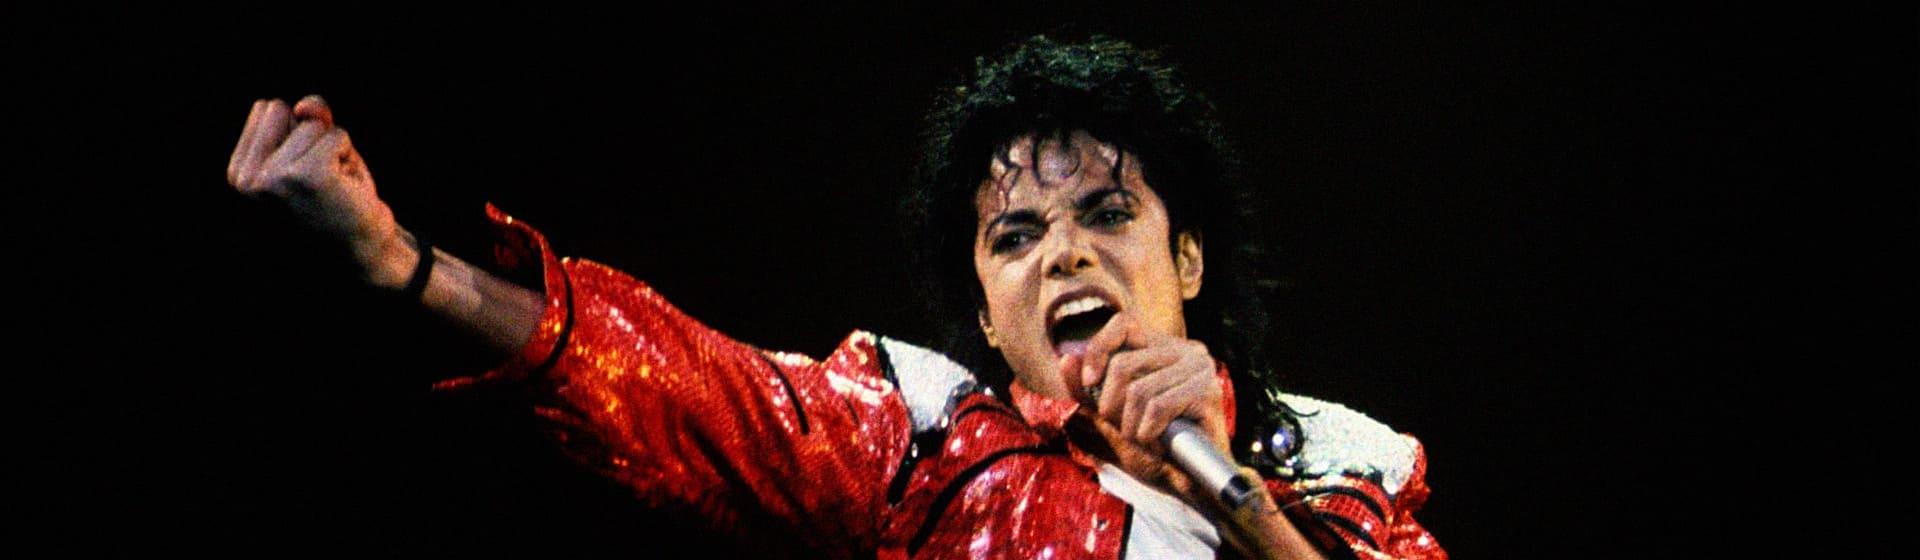 Michael Jackson - Мерч и одежда с атрибутикой